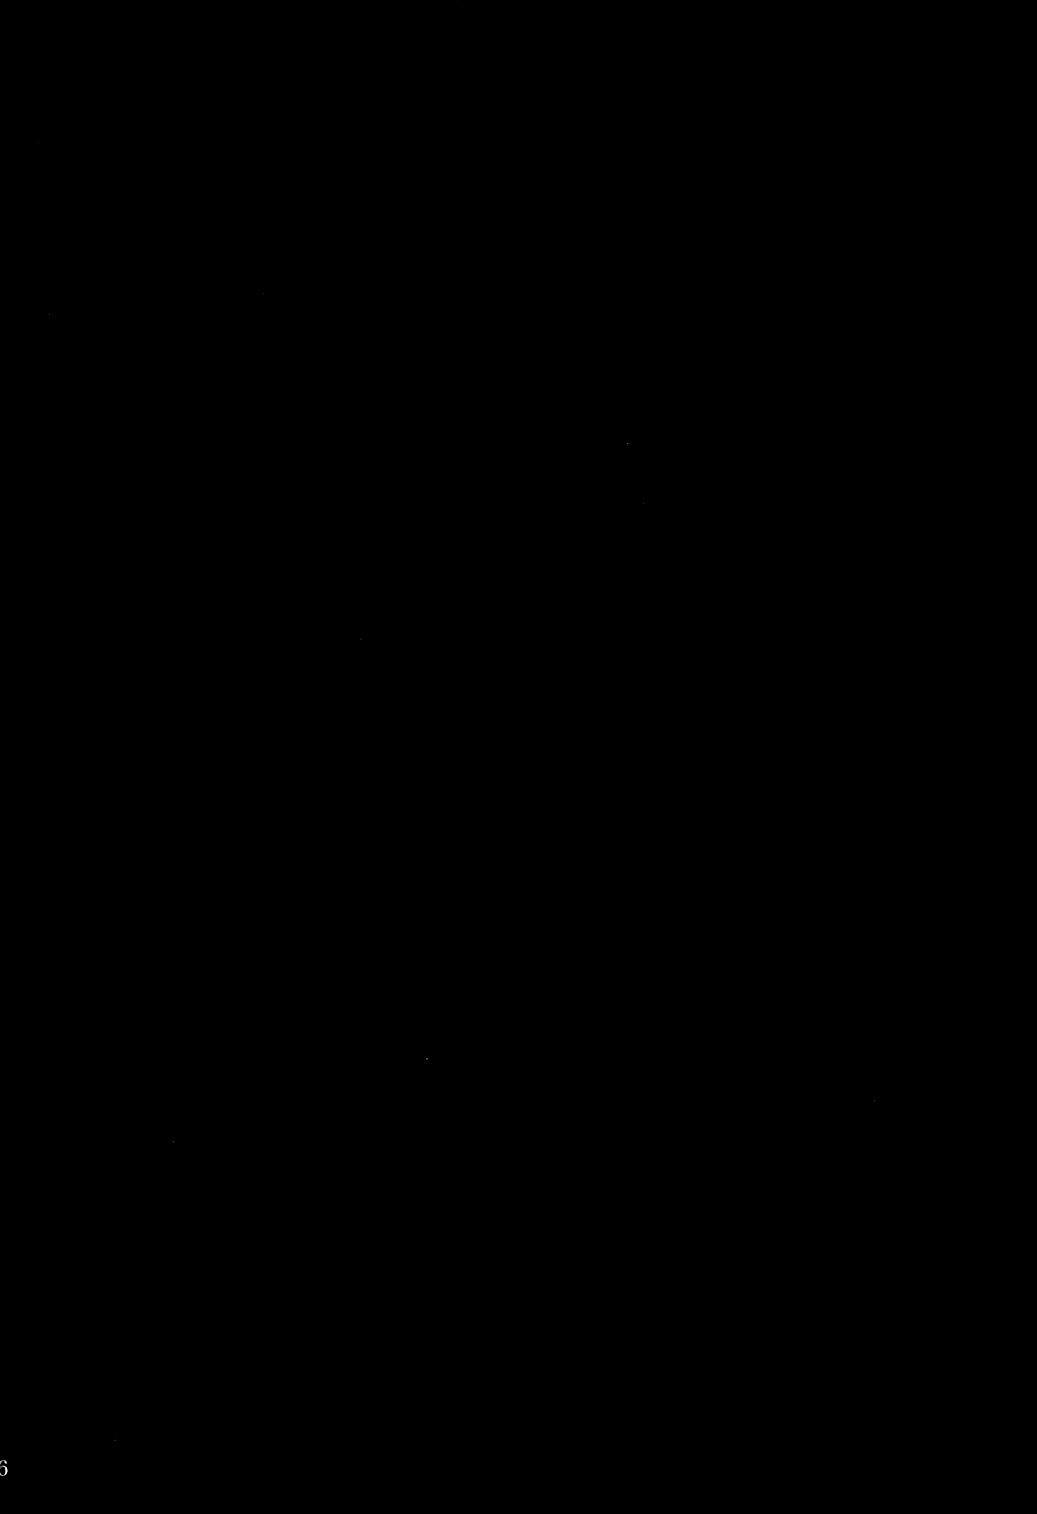 hisoka 4